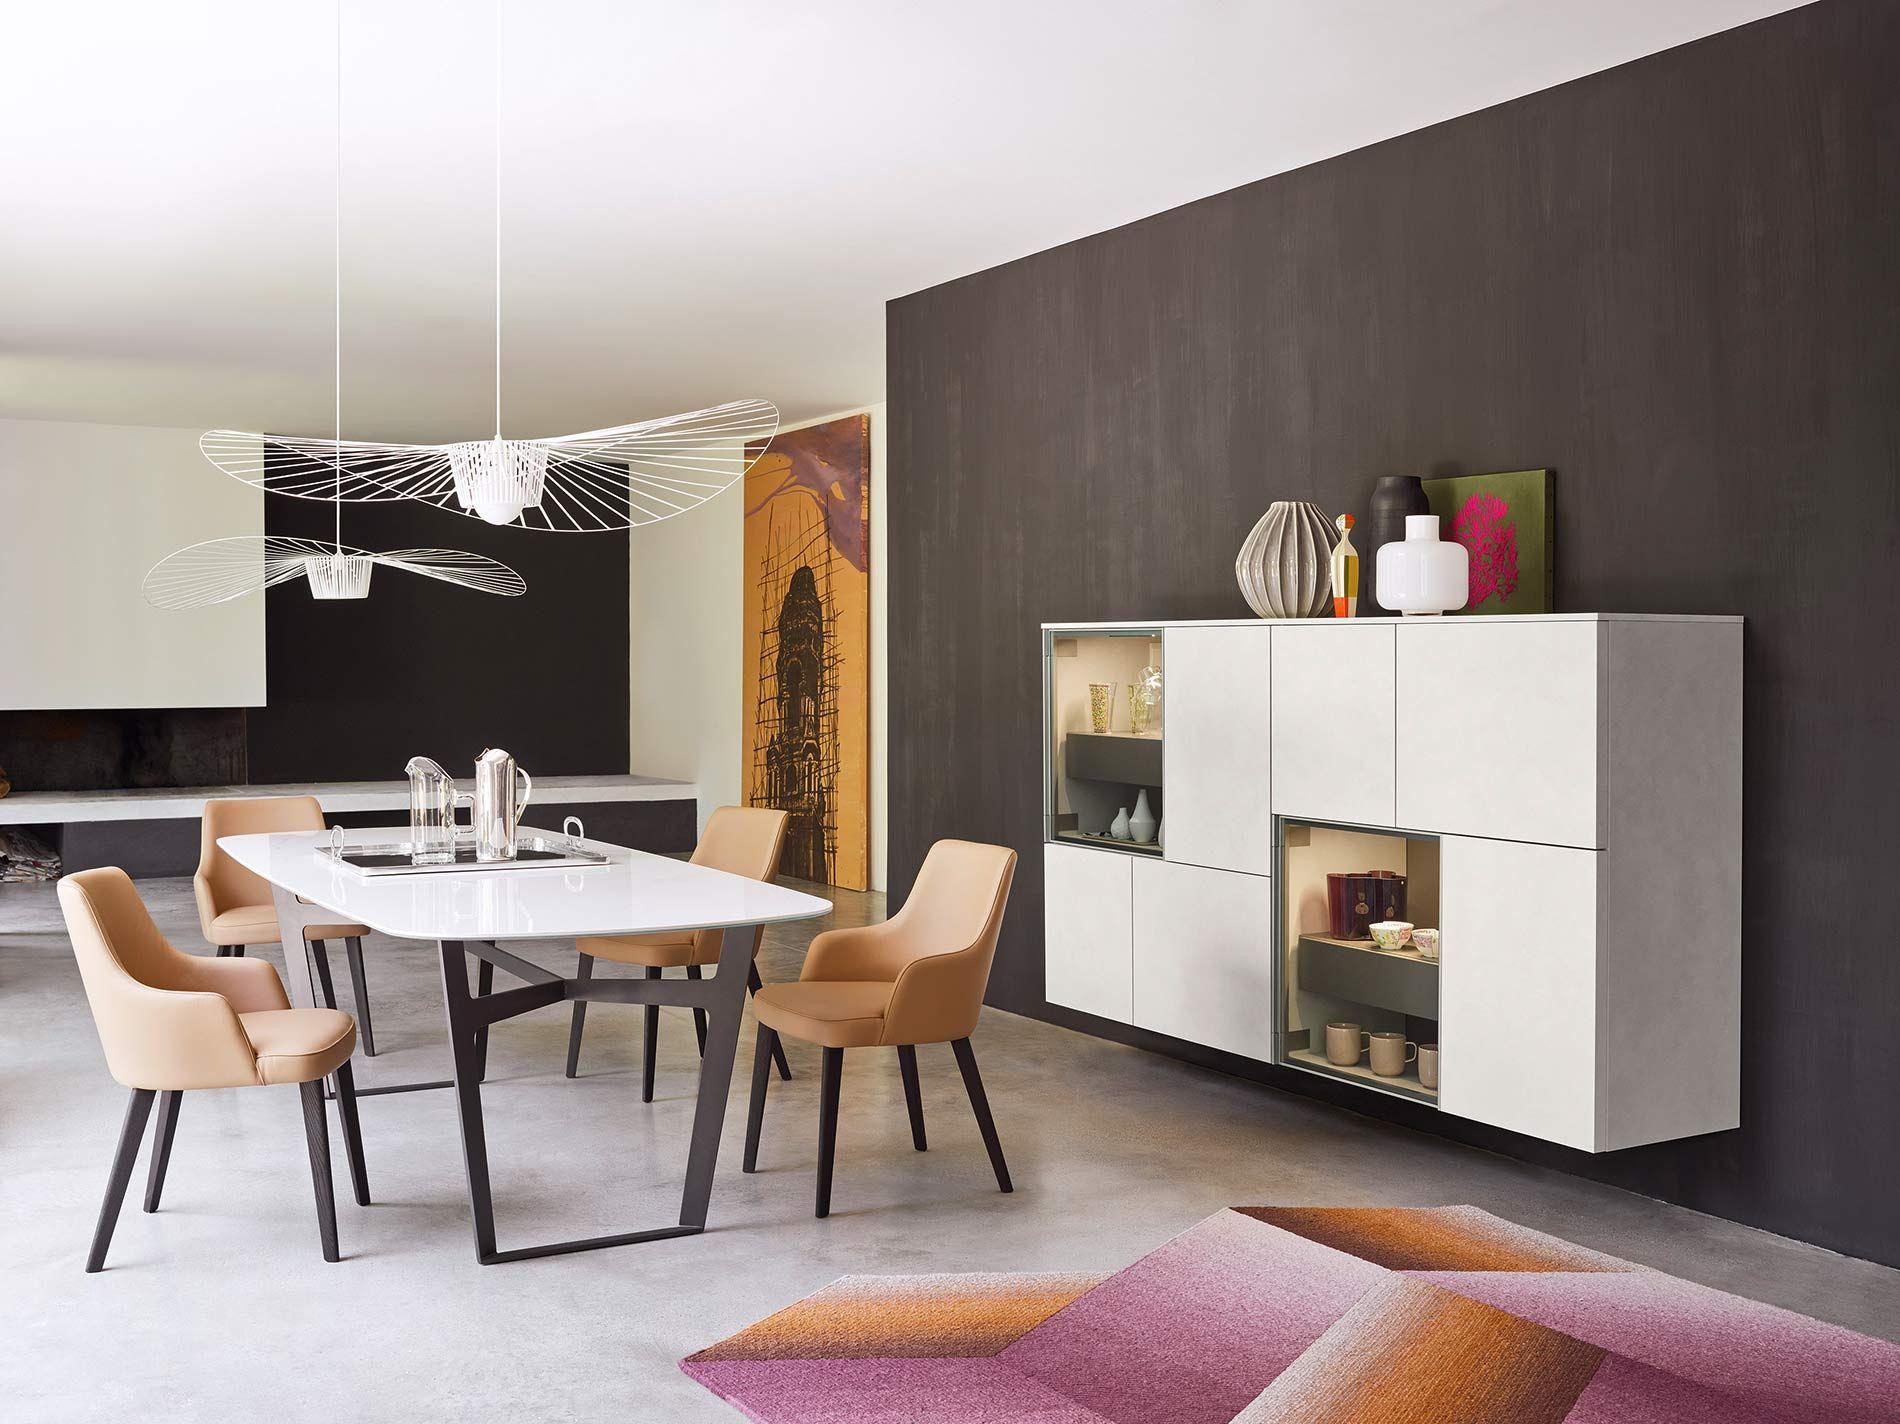 Hangende Esszimmer Sideboard Wohnung In 2019 Esszimmer Mobel